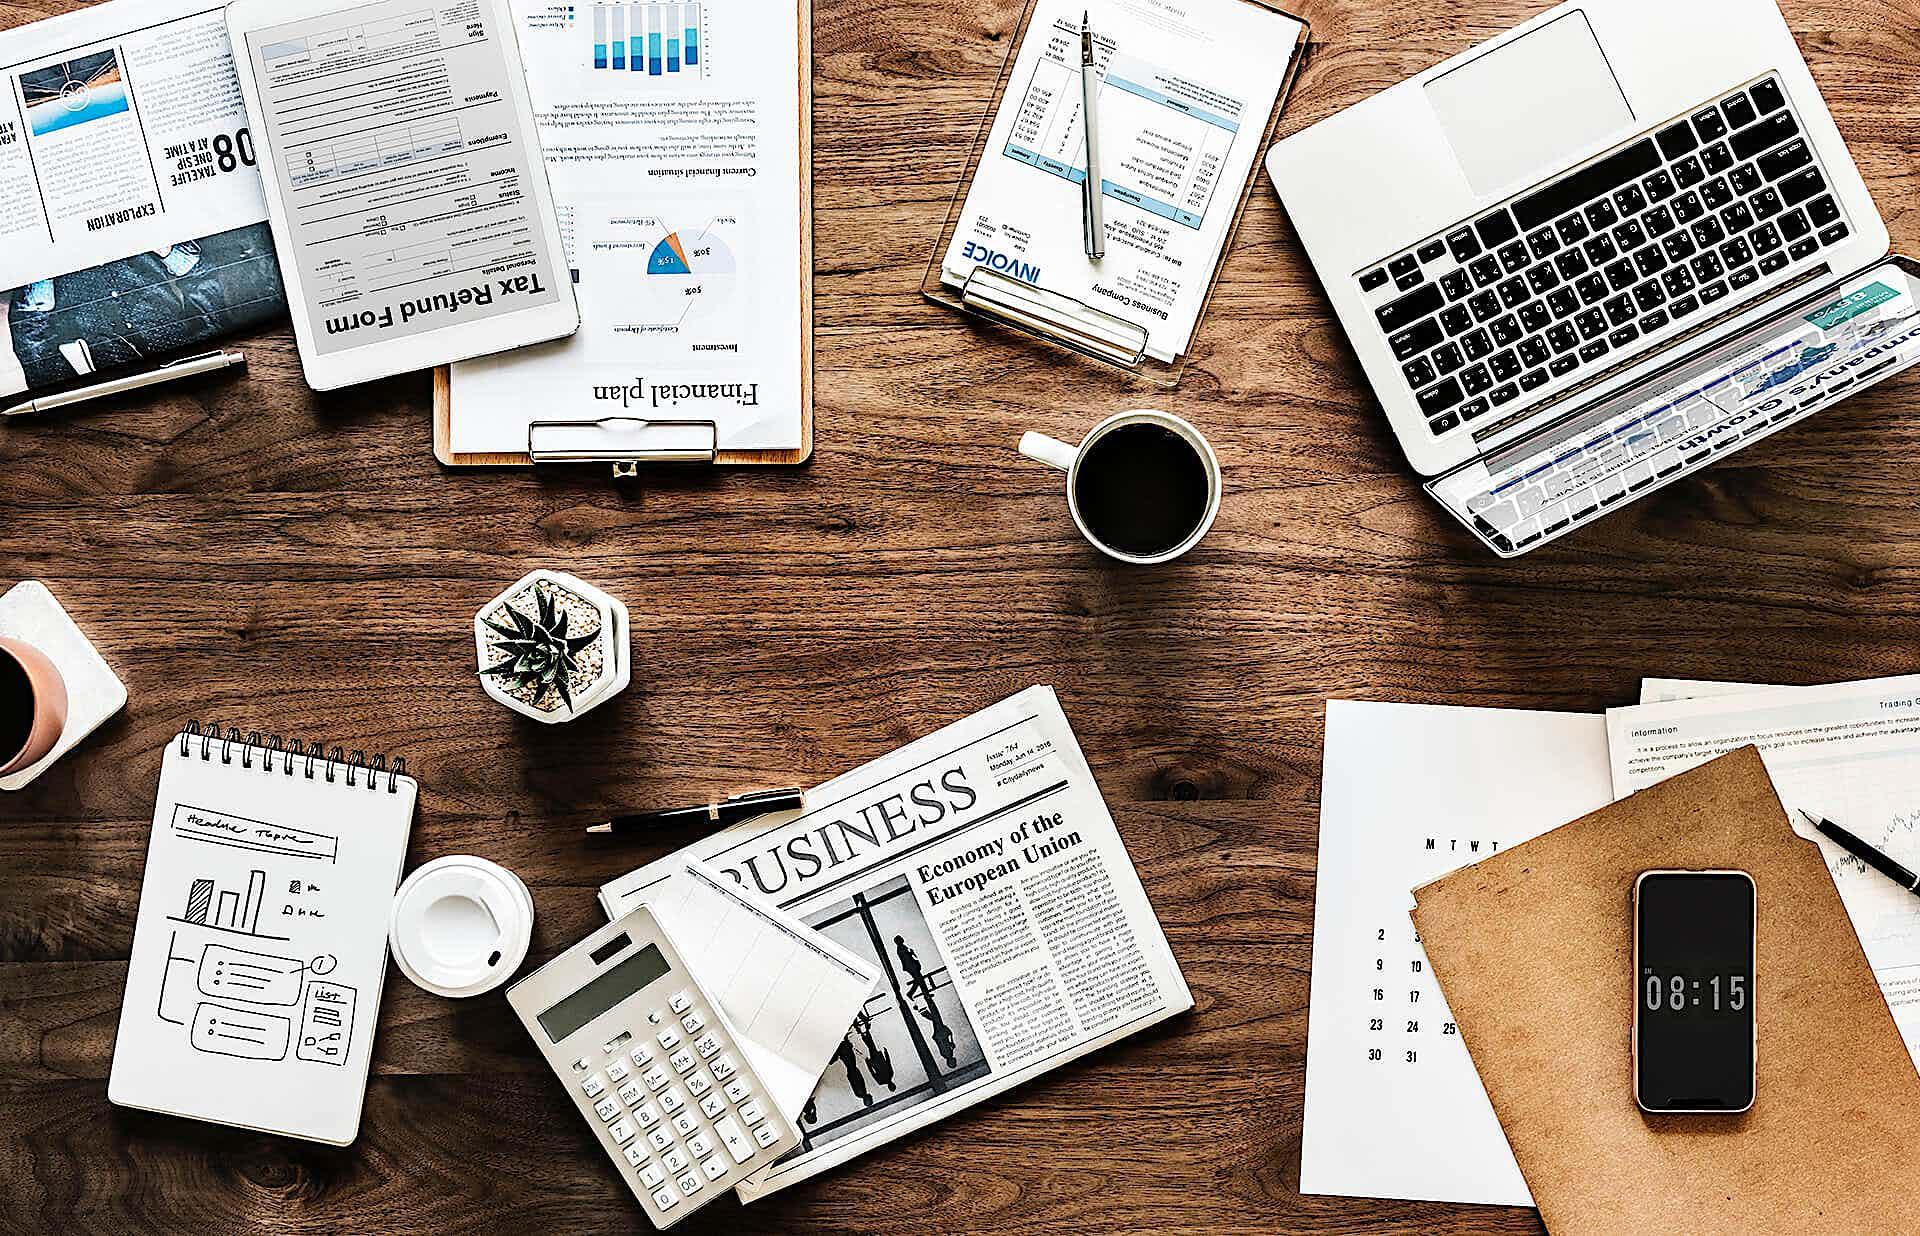 Büromaterialien auf dem Tisch